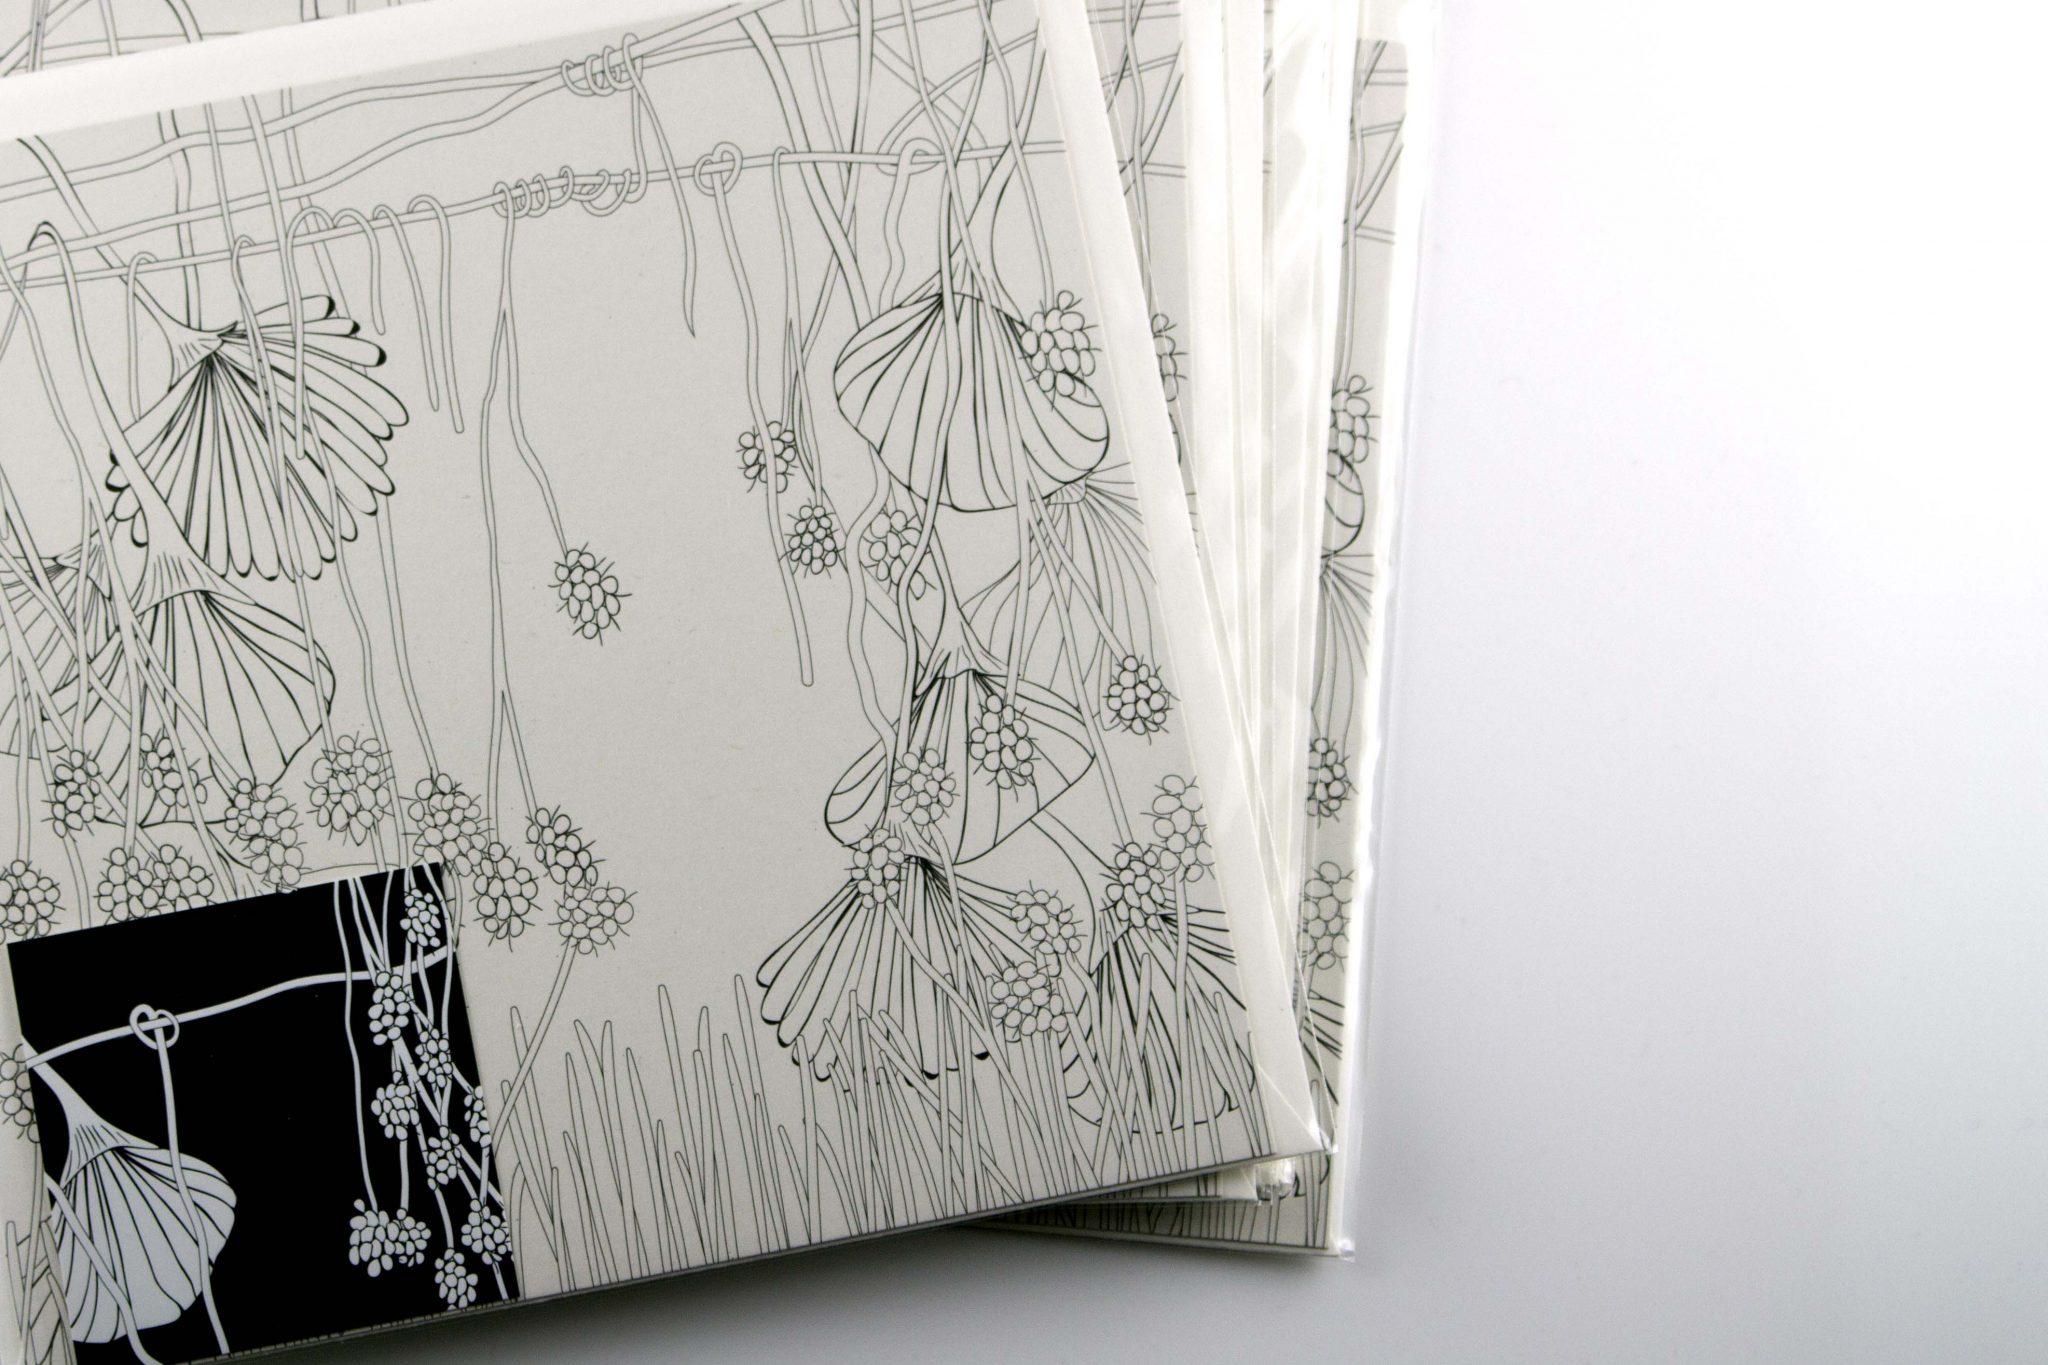 Wunderblumen Postkarte No 1 von graphit-d